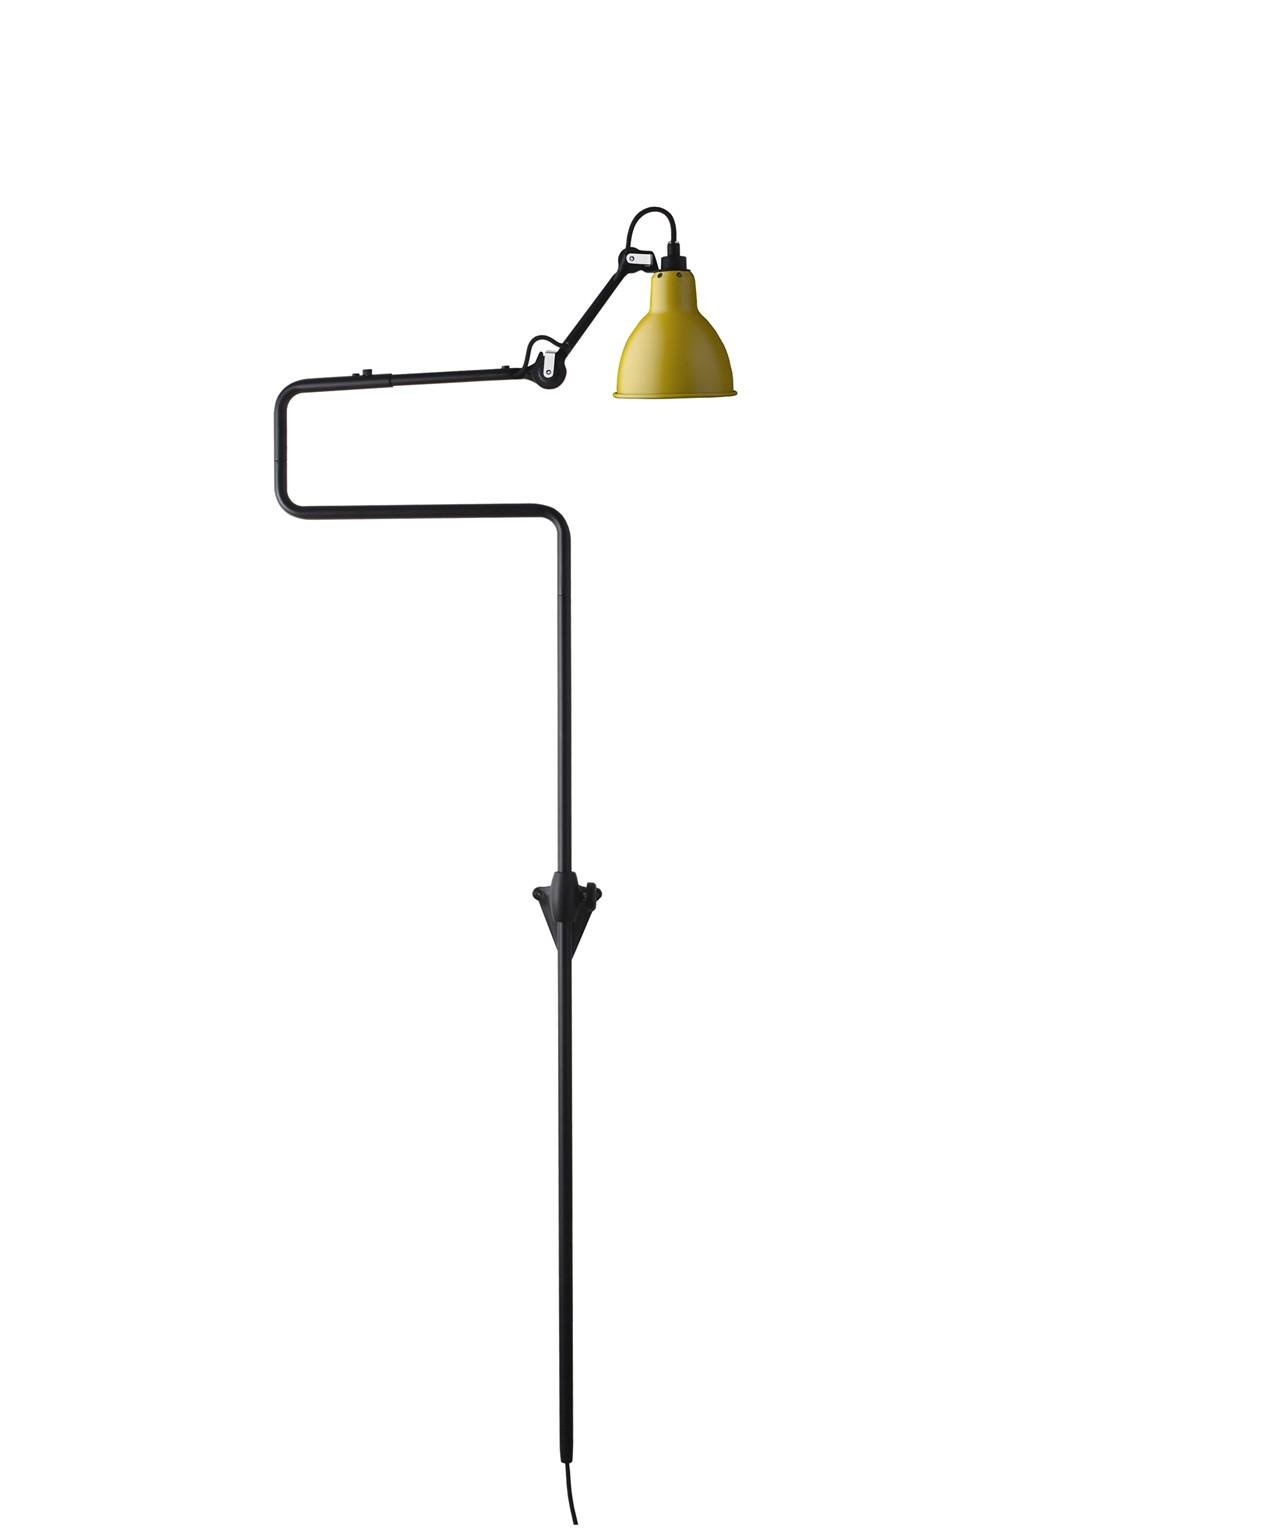 217 v glampe gul lampe gras. Black Bedroom Furniture Sets. Home Design Ideas